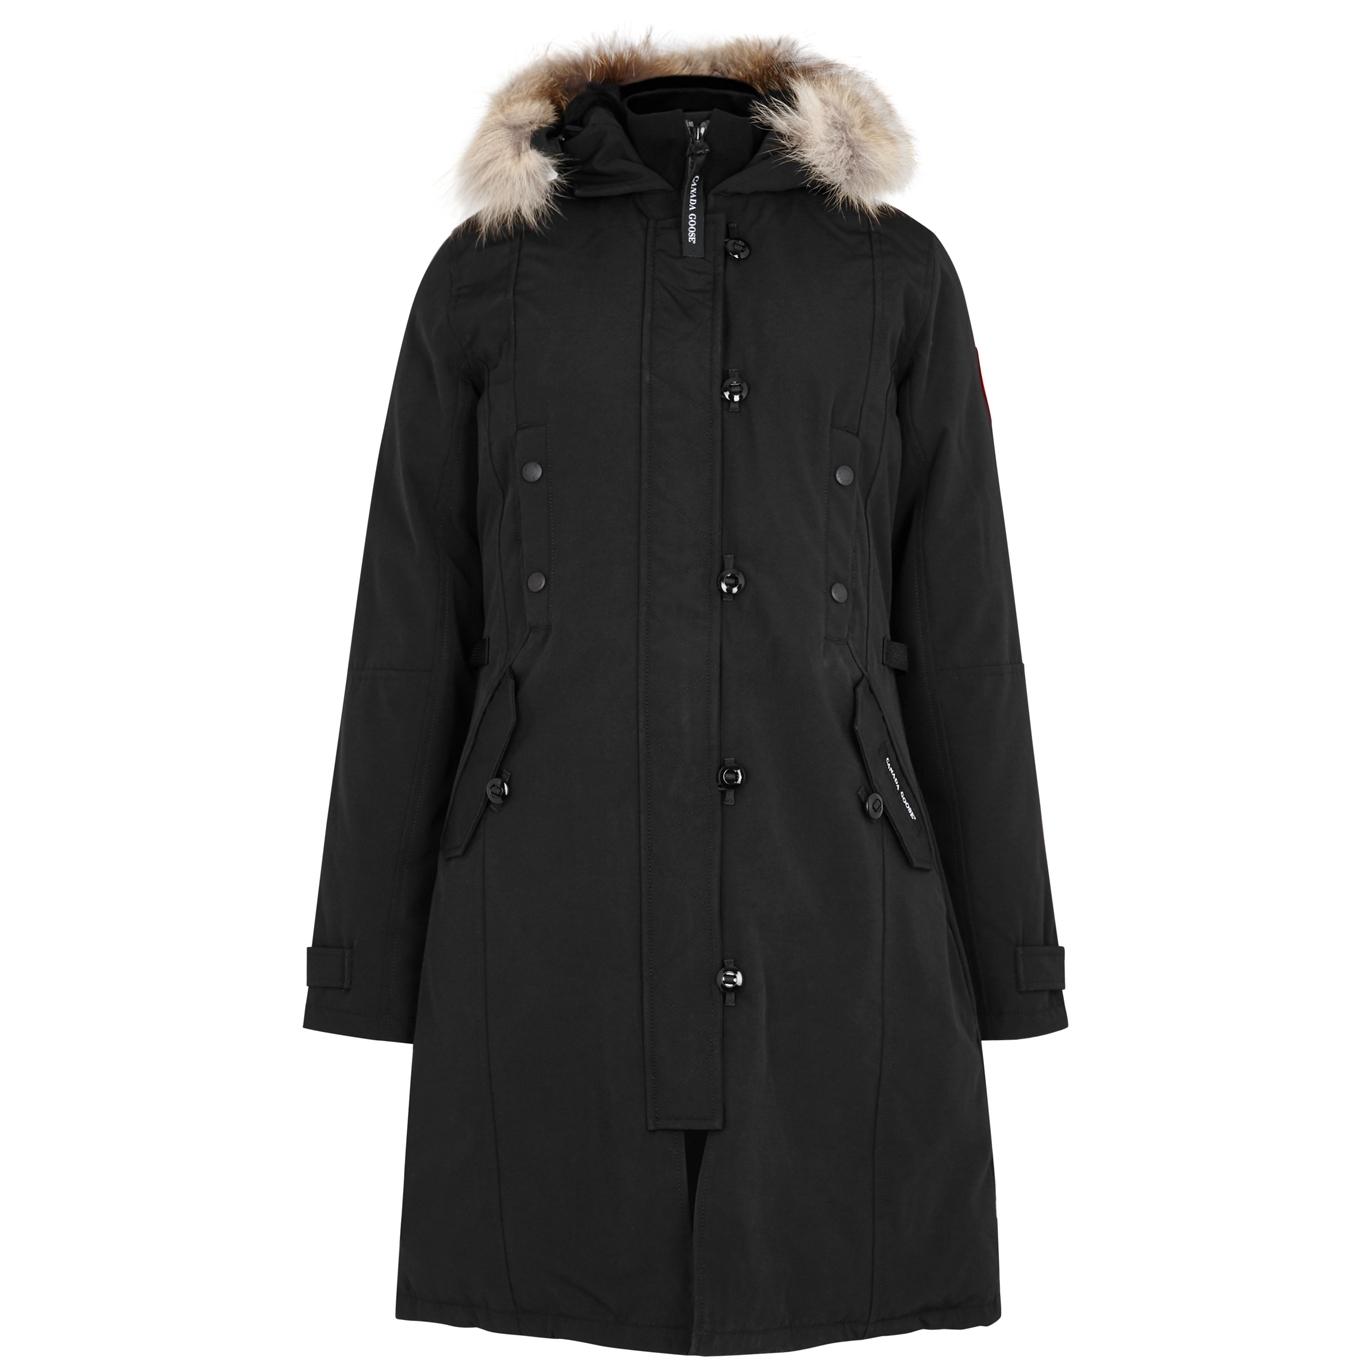 f92480f0e4d9 Canada Goose Kensington black fur-trimmed parka - Harvey Nichols